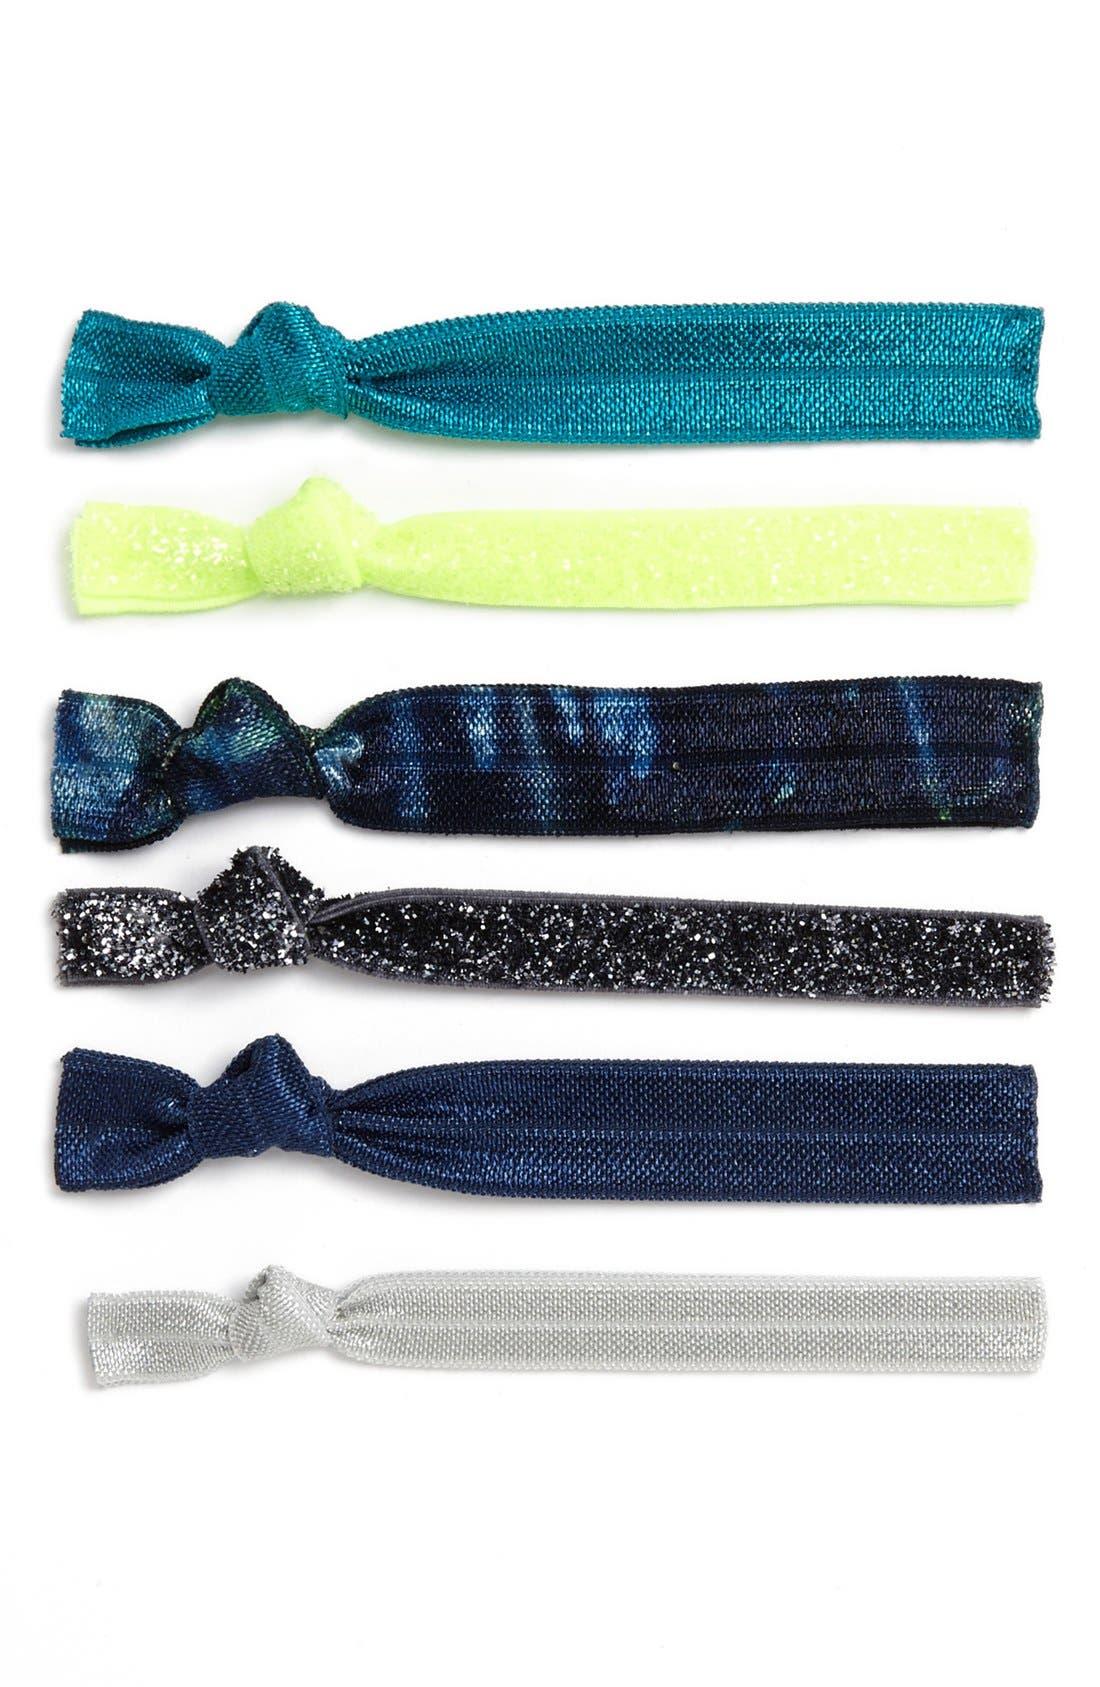 Alternate Image 1 Selected - Kitsch 'Ocean' Hair Ties (6-Pack) (Girls)